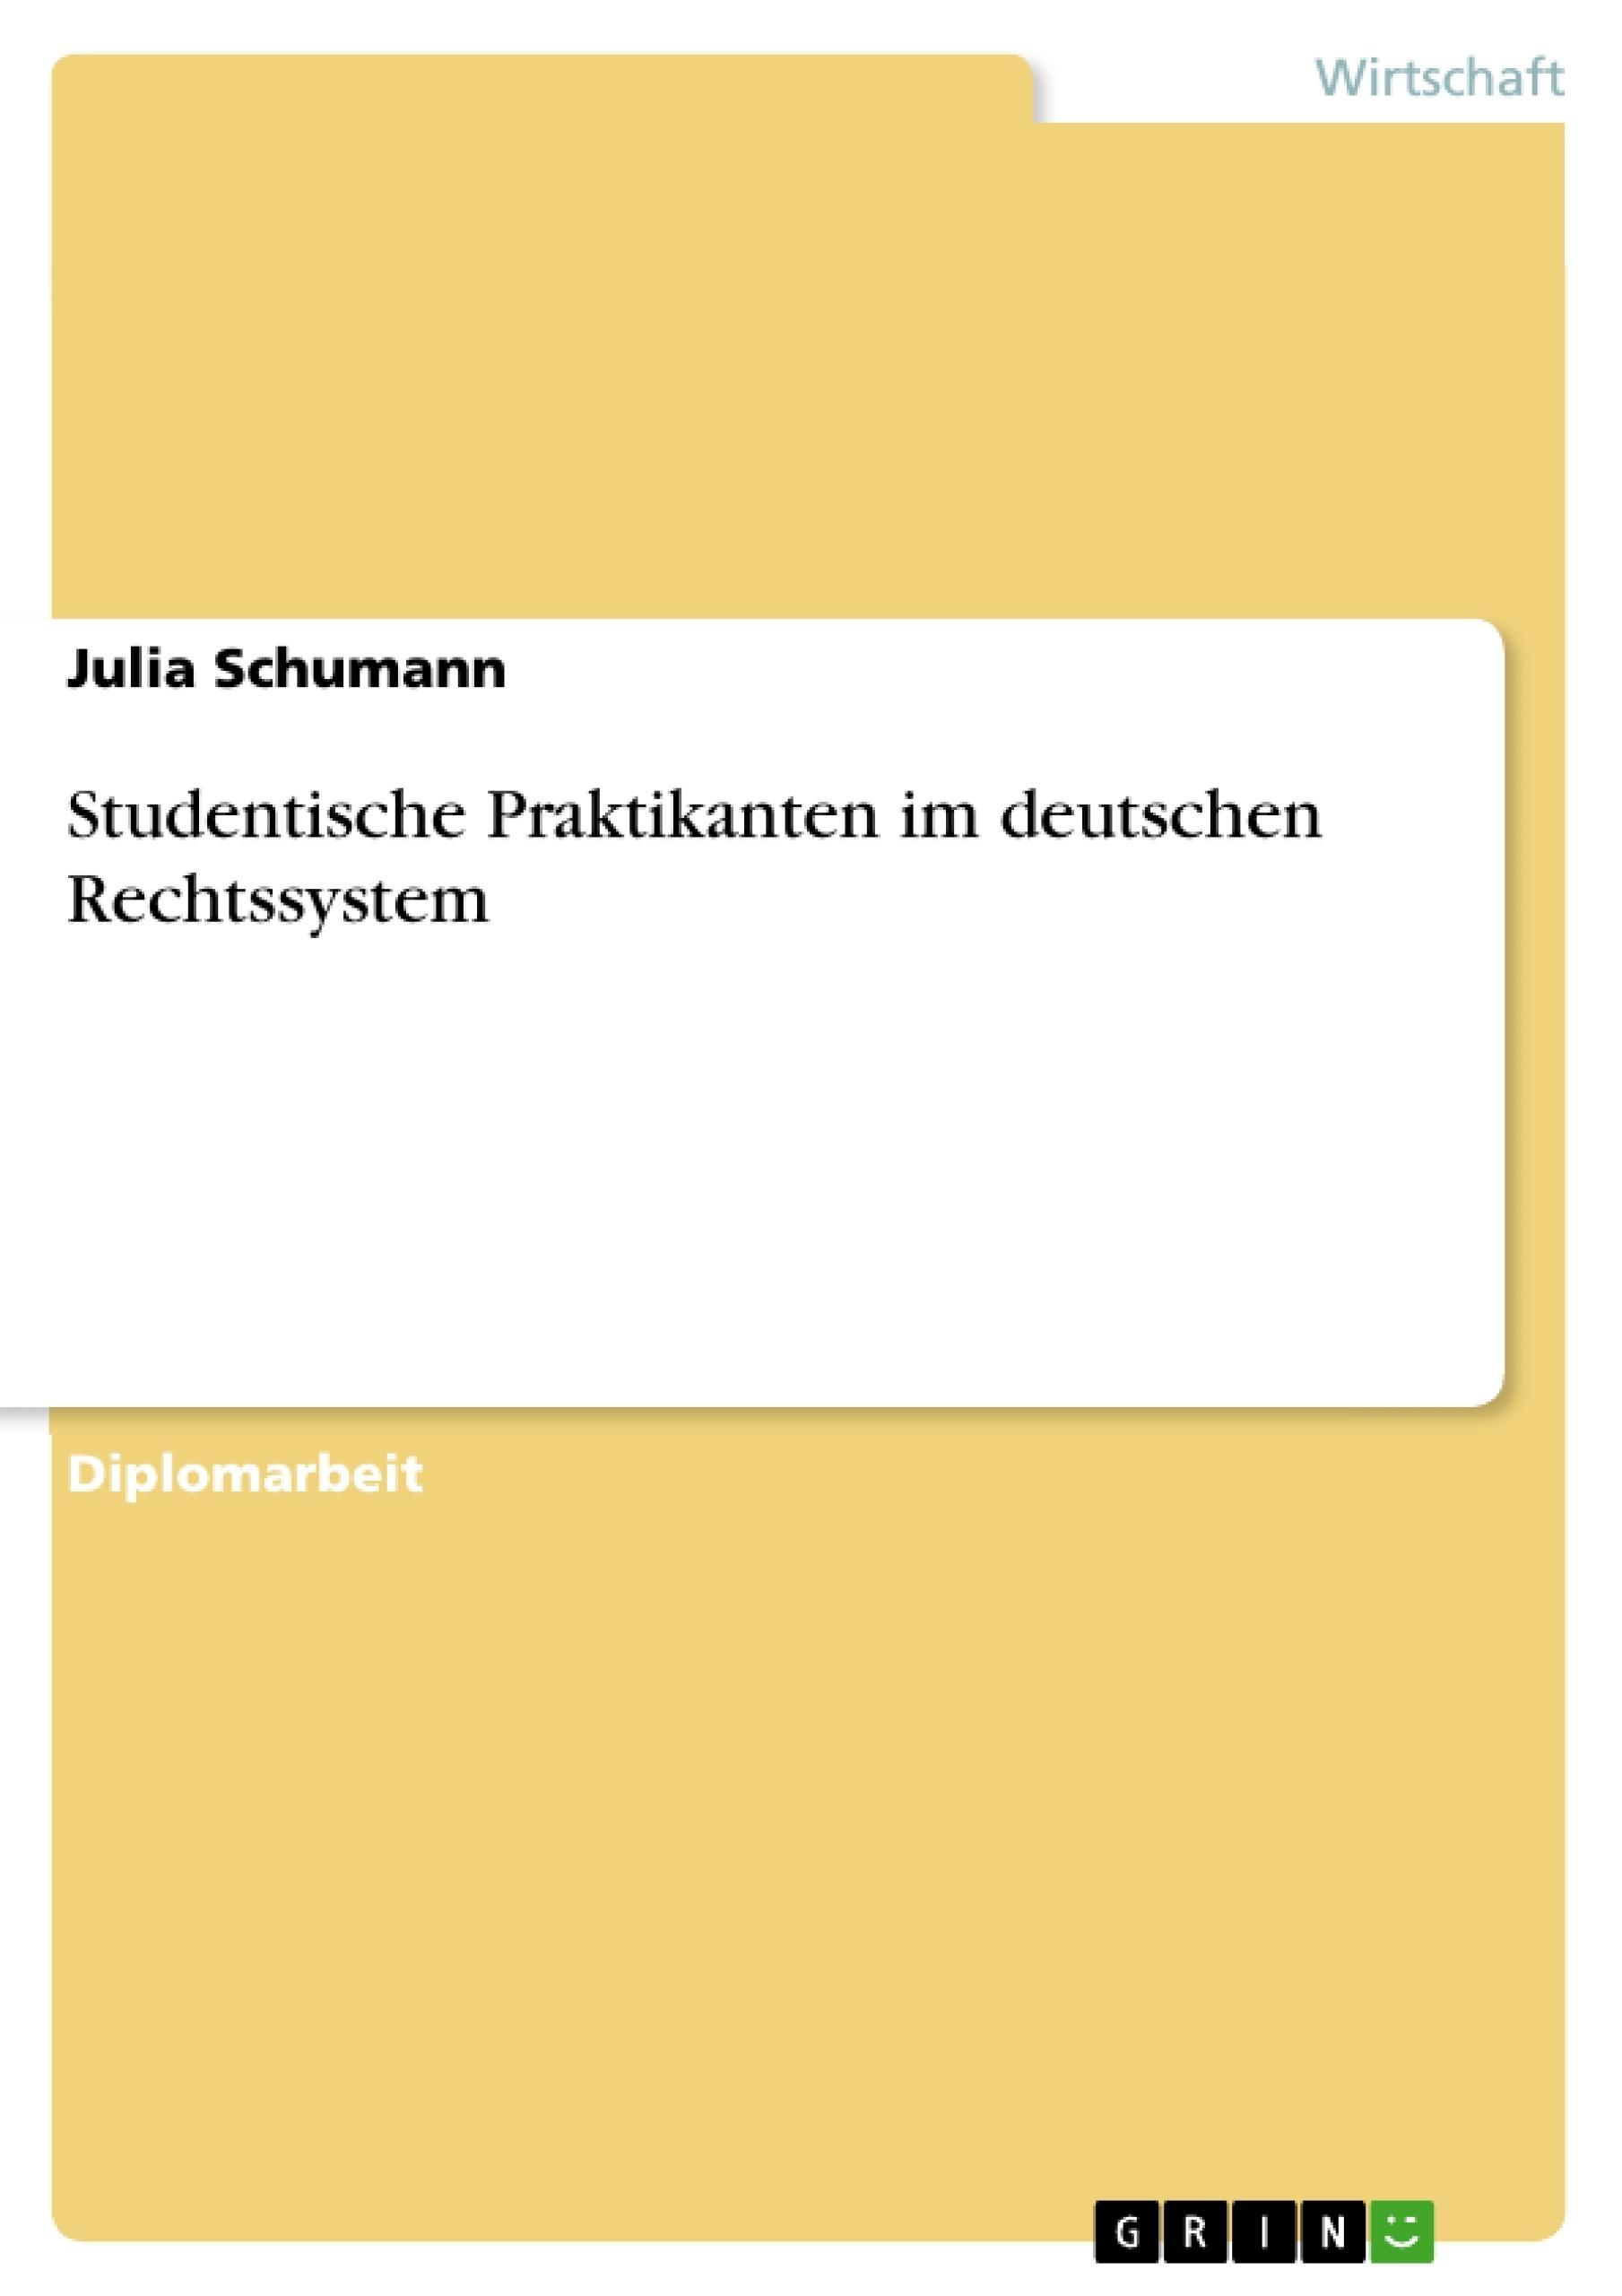 Titel: Studentische Praktikanten im deutschen Rechtssystem